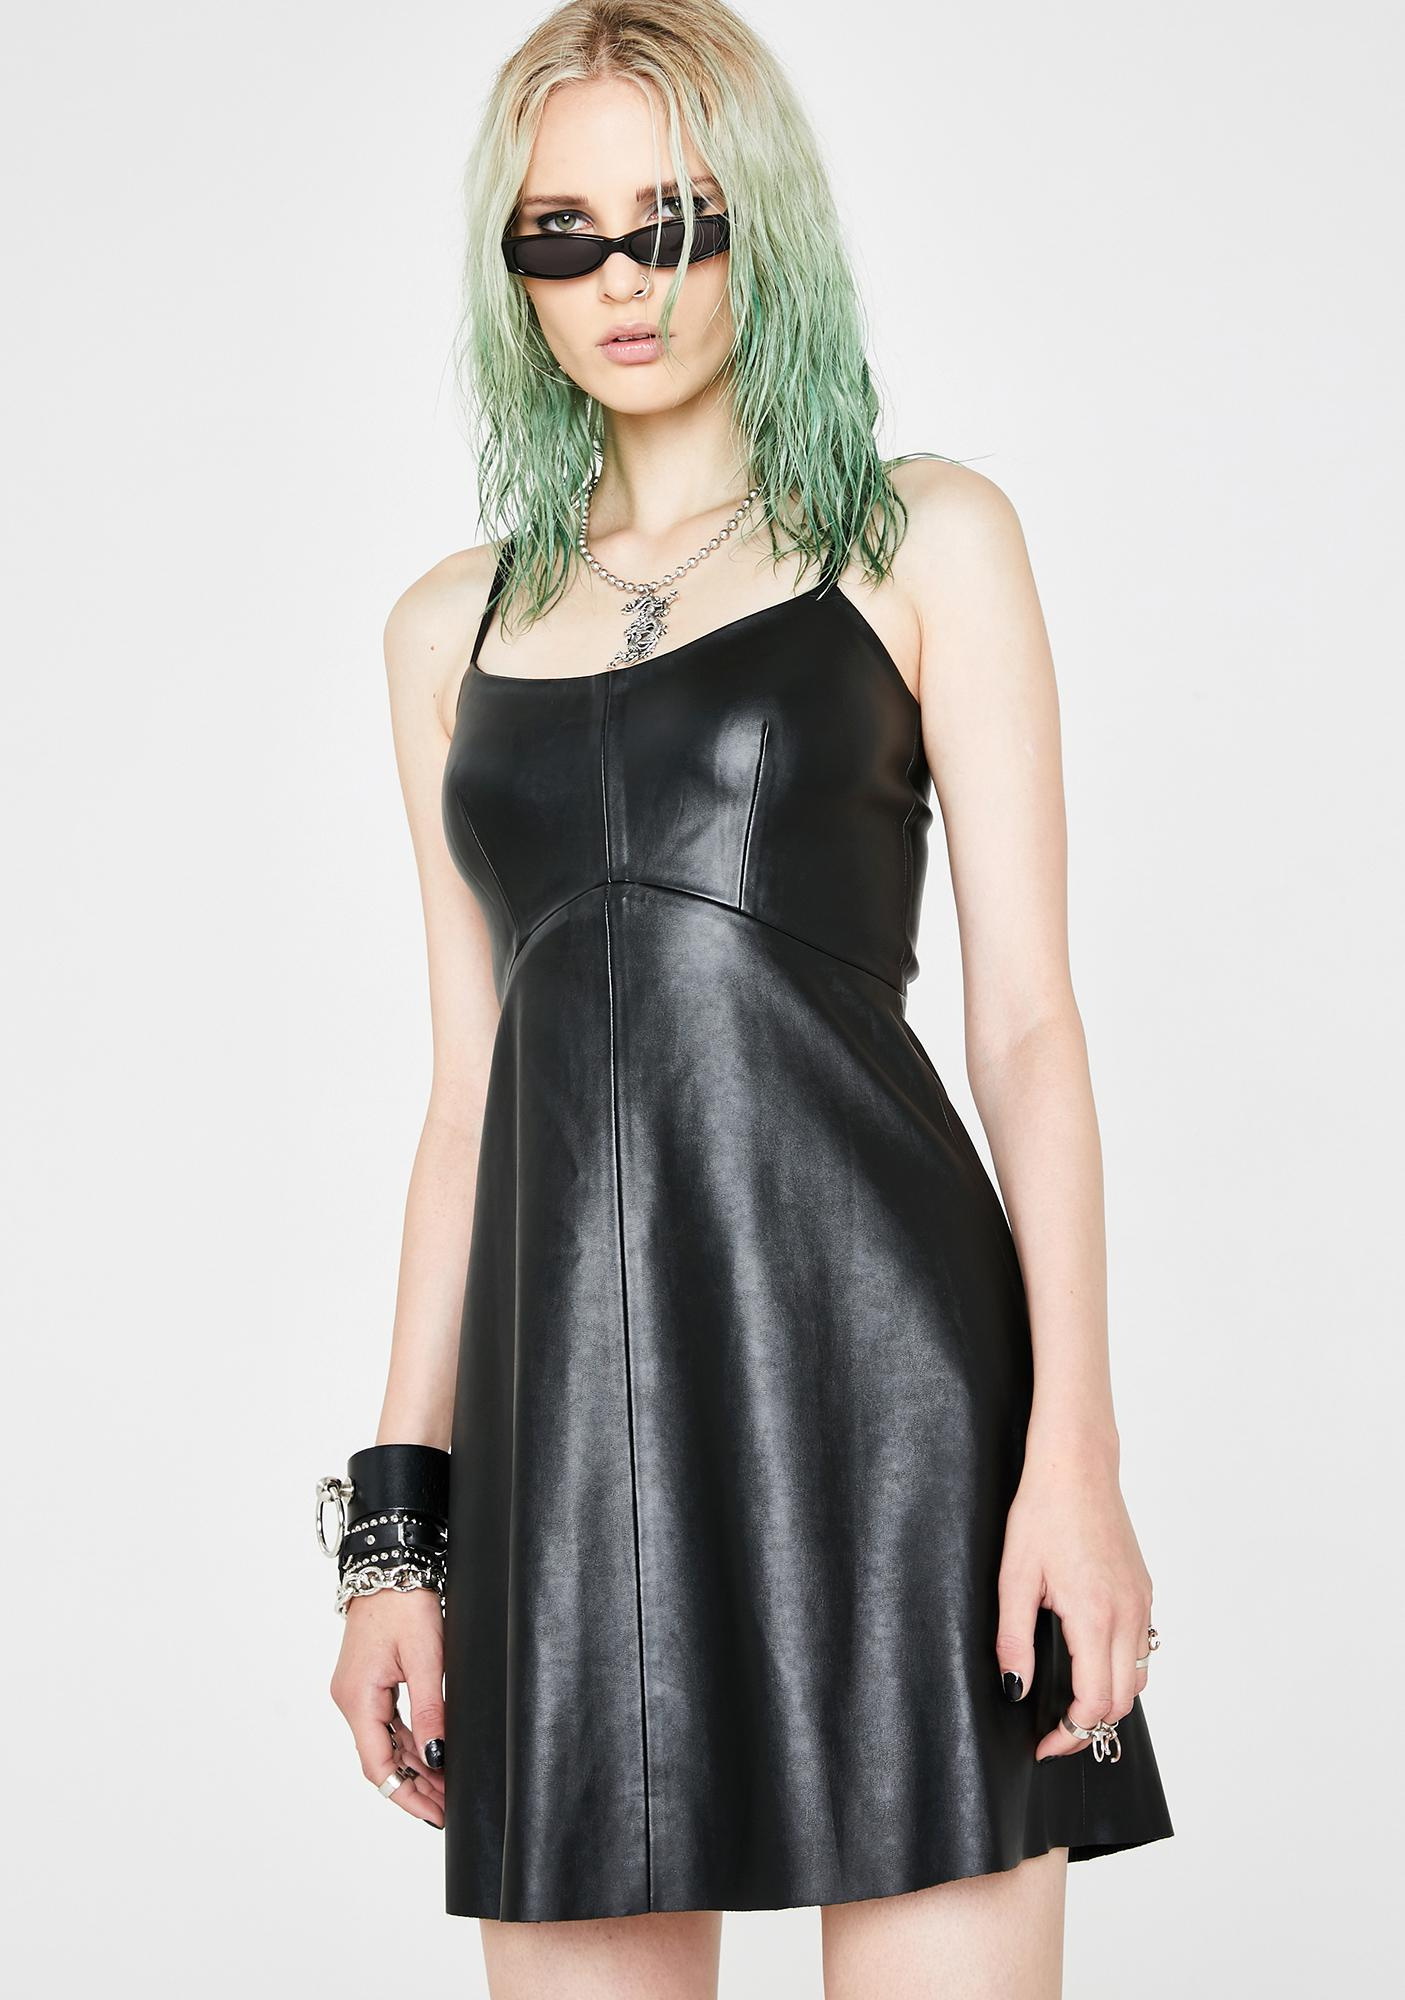 Current Mood Off Topic Mini Dress